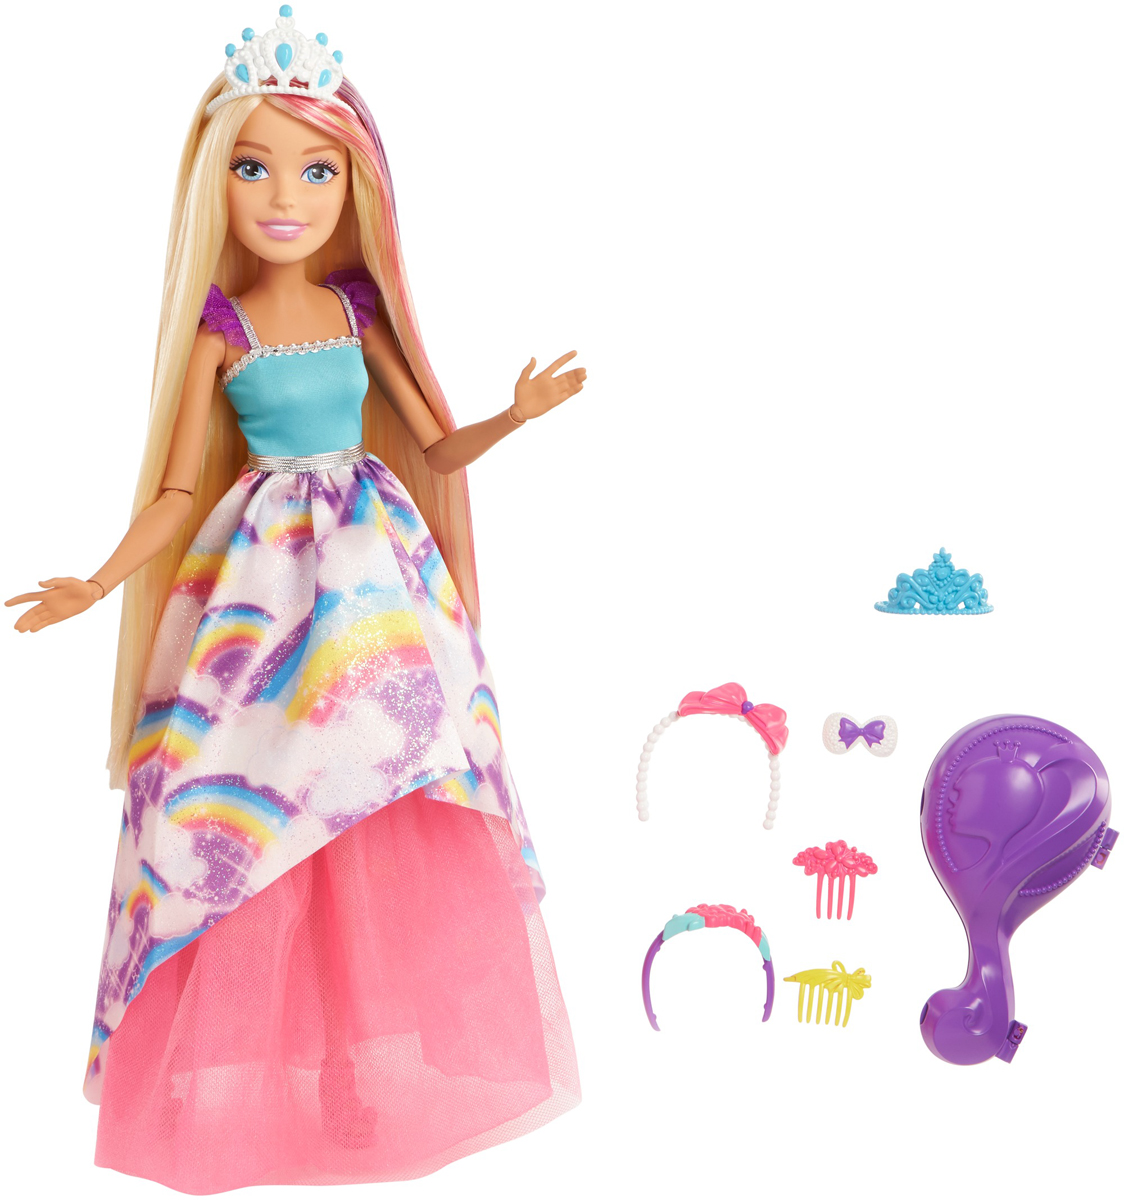 Barbie Кукла Принцесса FMV95 наборы аксессуаров для волос esli комплект аксессуаров для волос light yellow